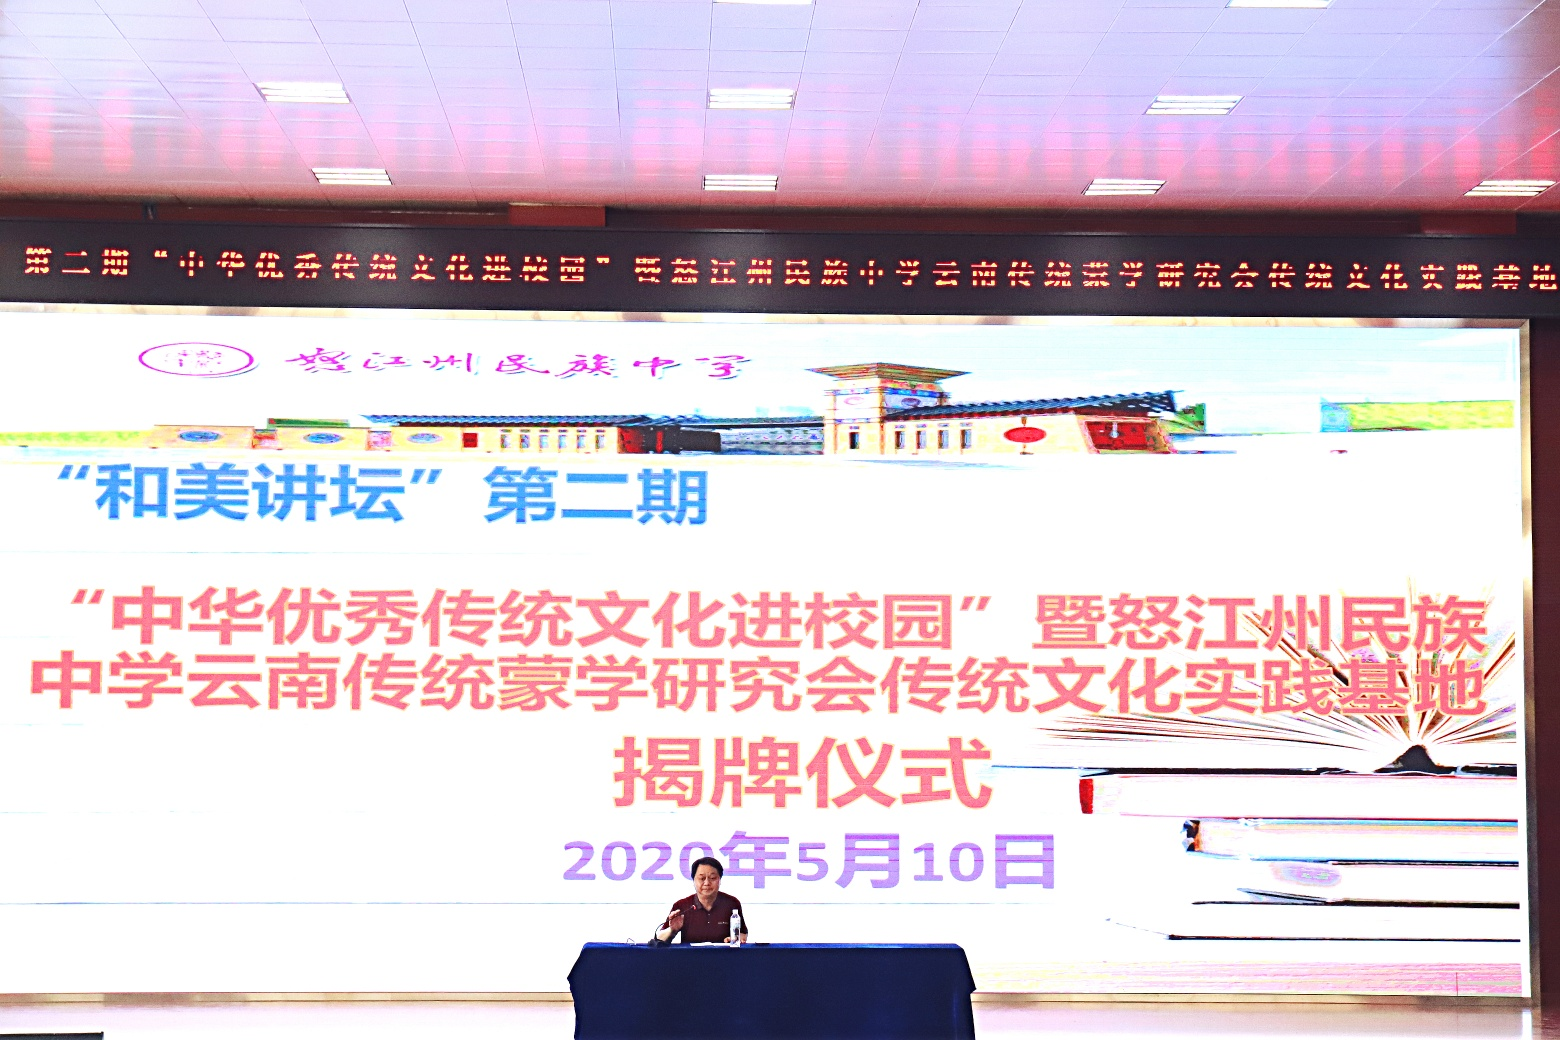 怒江州民族中学携手云南传统蒙学研究会举行教学实践基地揭牌仪式插图(6)